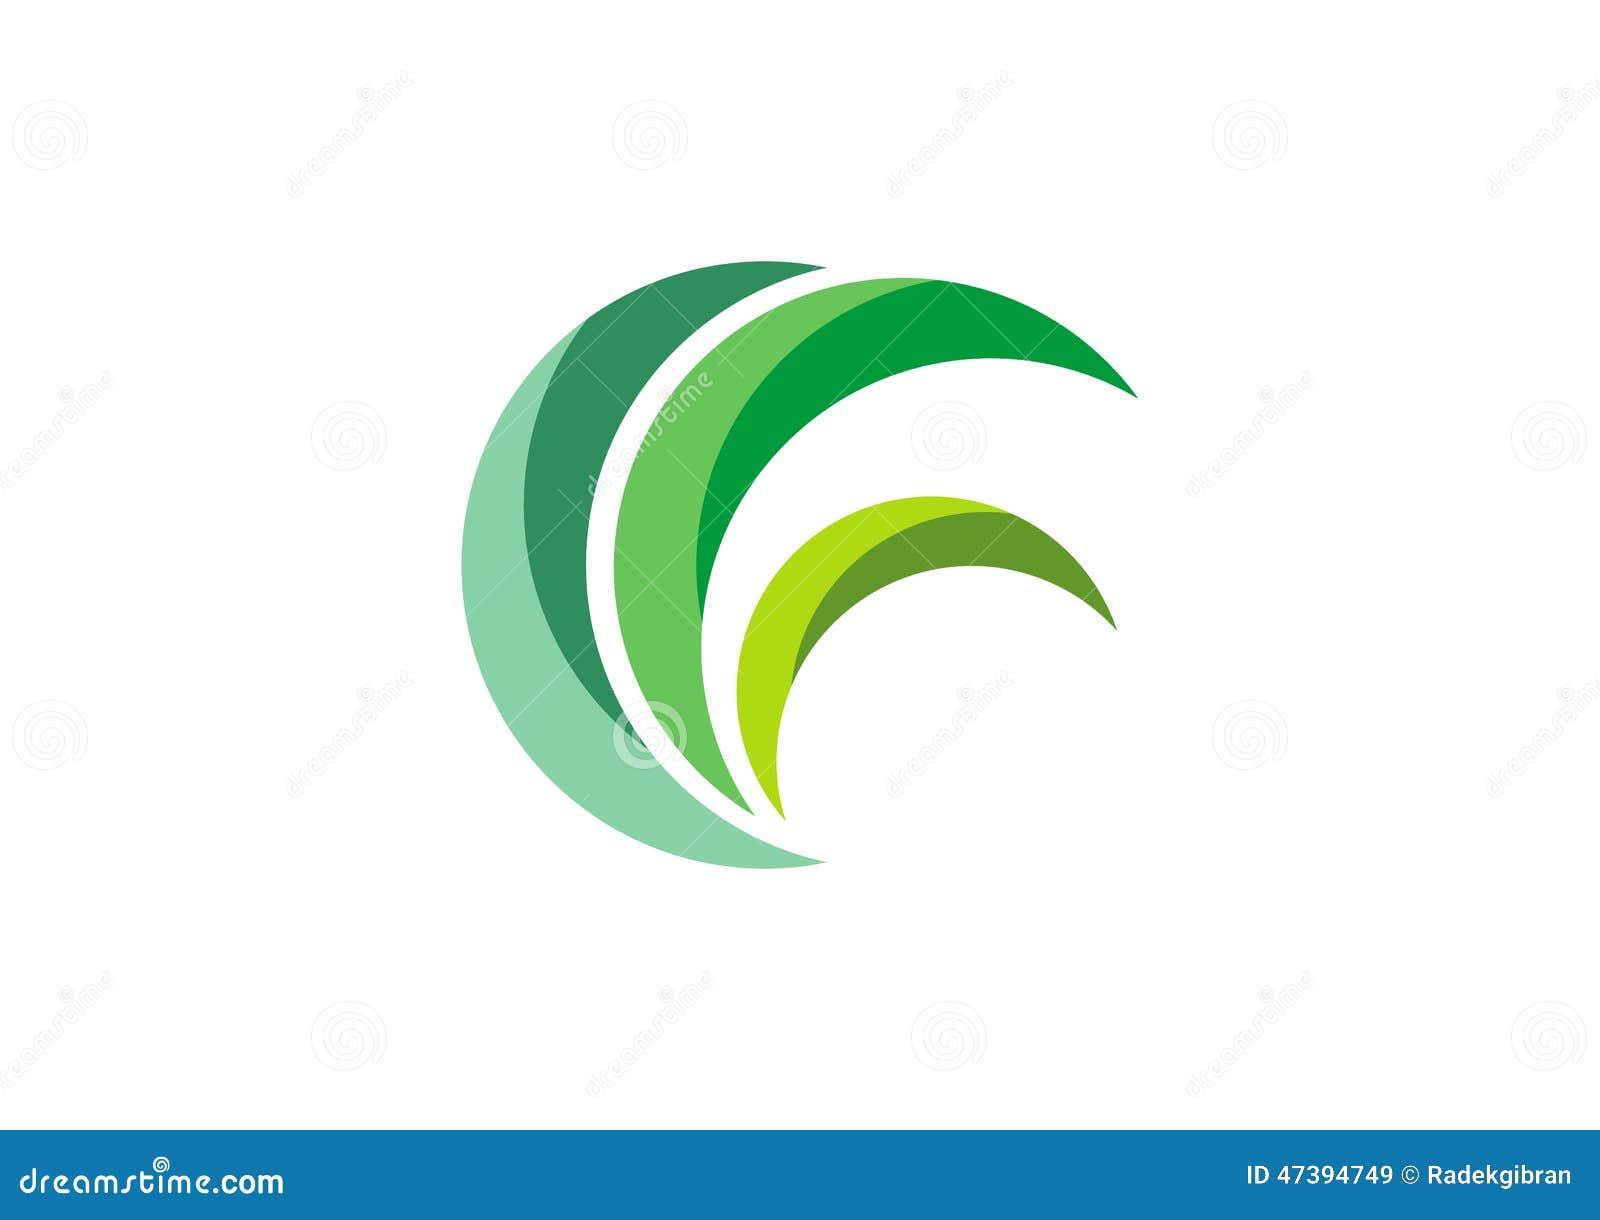 Eco pone verde el logotipo, vector del diseño del símbolo de la planta de la naturaleza de la hierba de las hojas del círculo